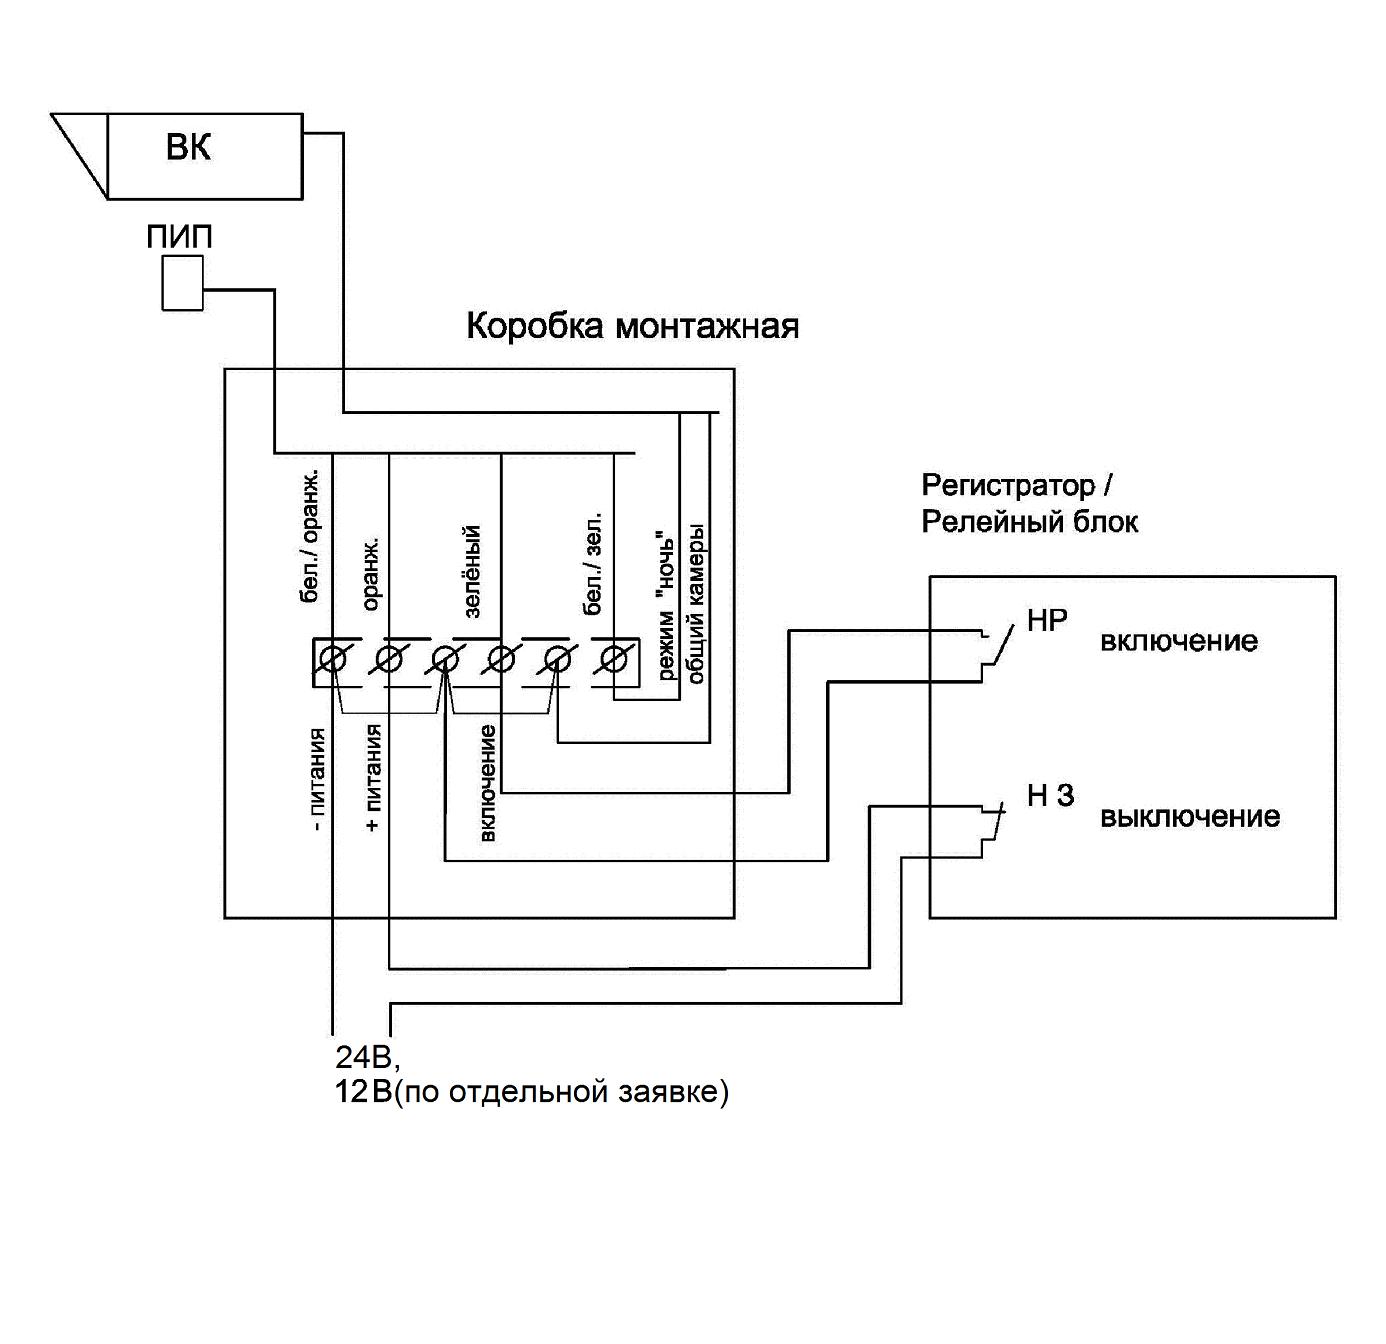 Схема подключения прожектора во всех режимах управления